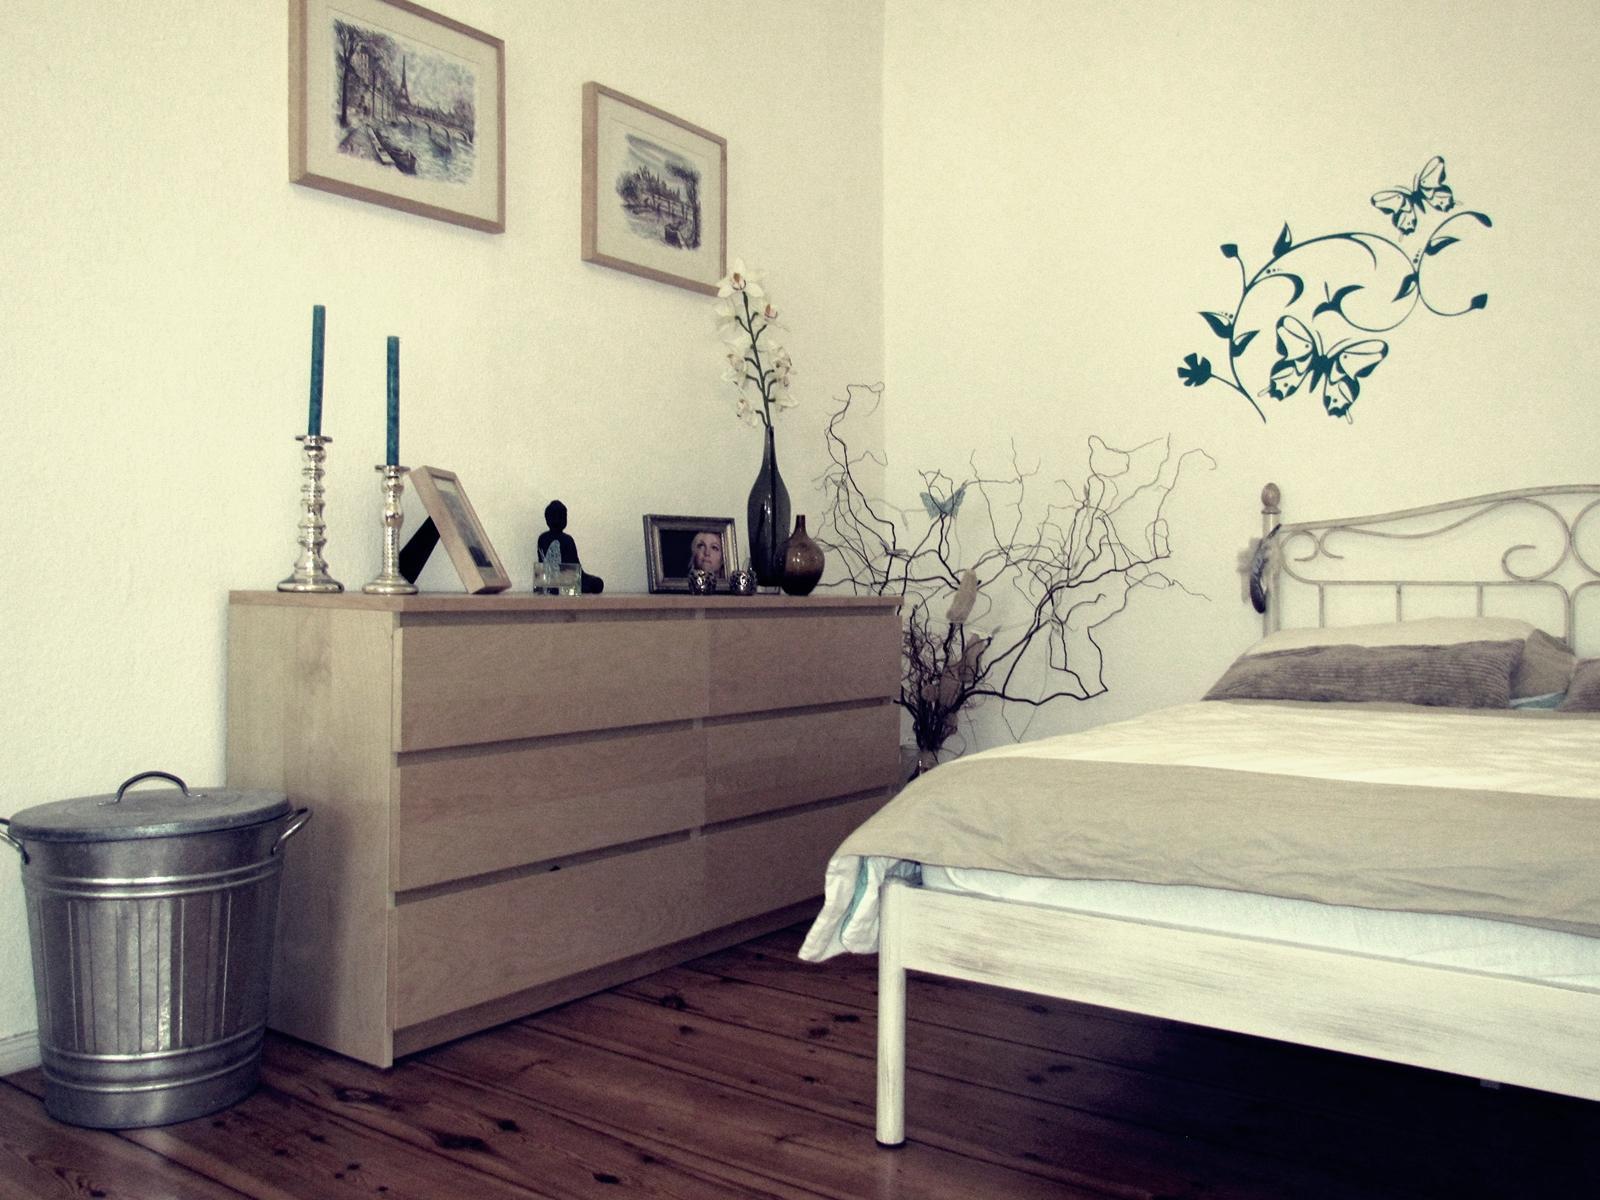 Metallbett • Bilder & Ideen • Couchstyle